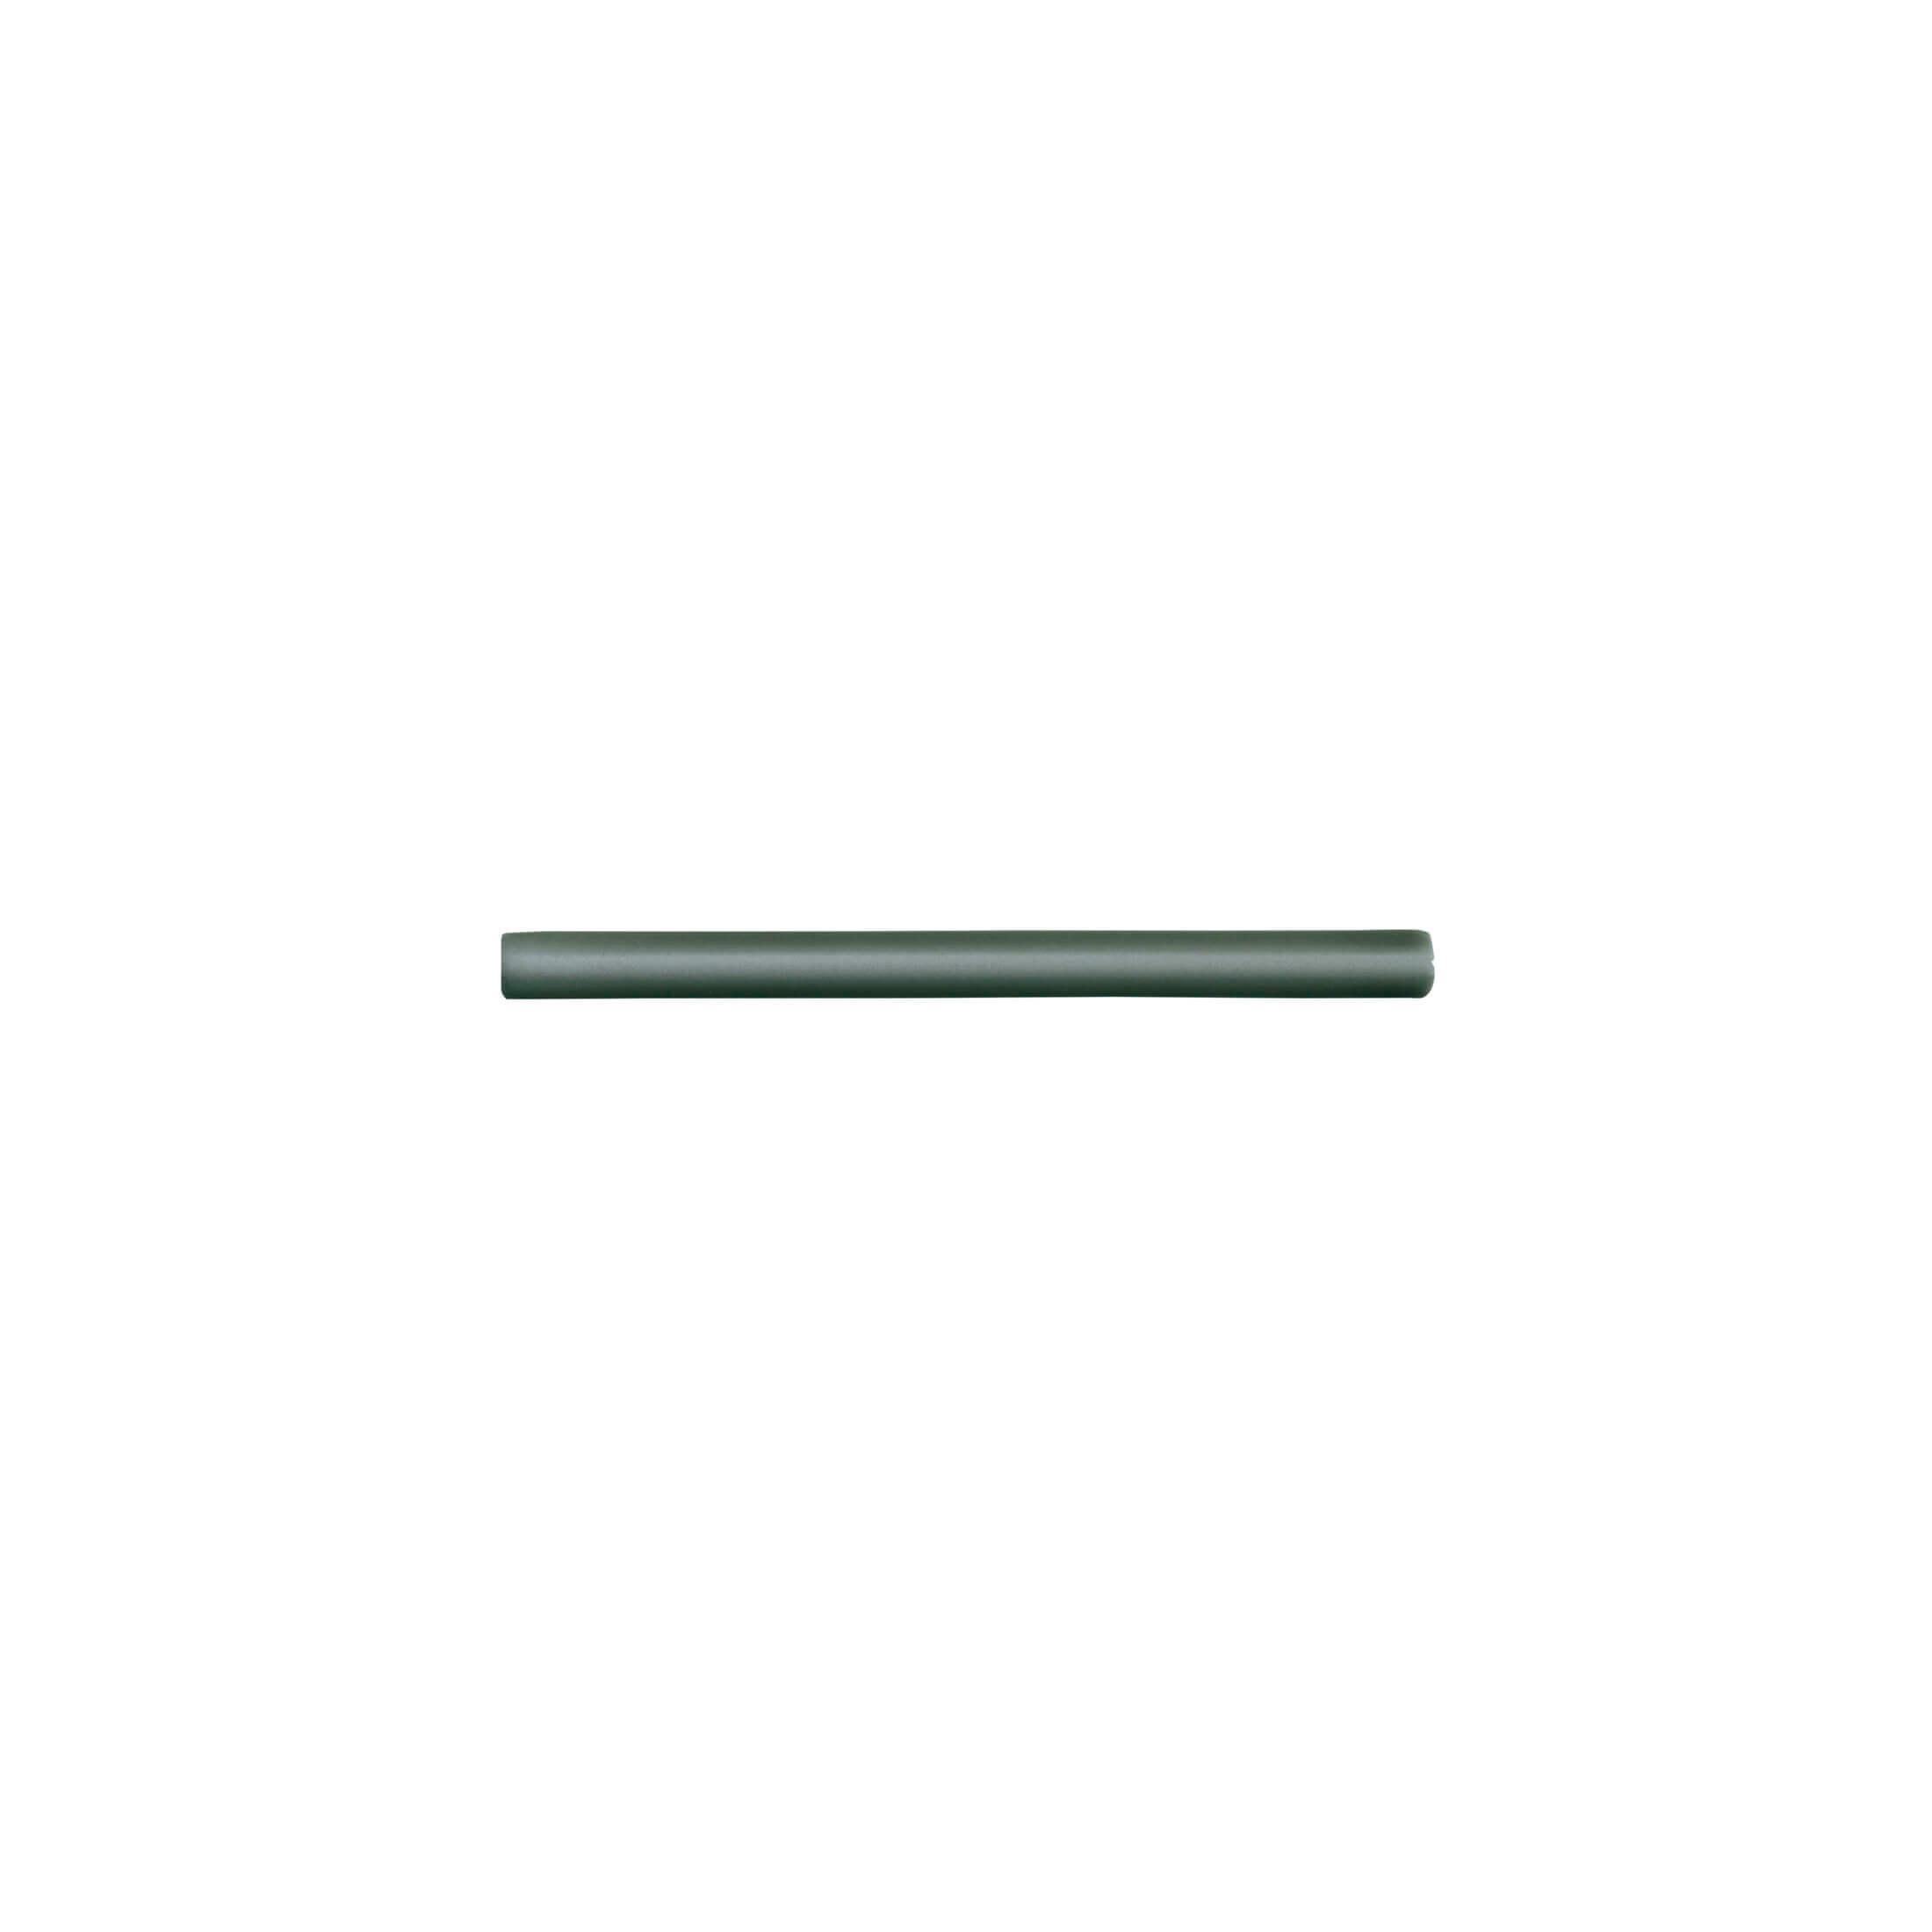 ADST5181 - BULLNOSE TRIM - 0.75 cm X 14.8 cm